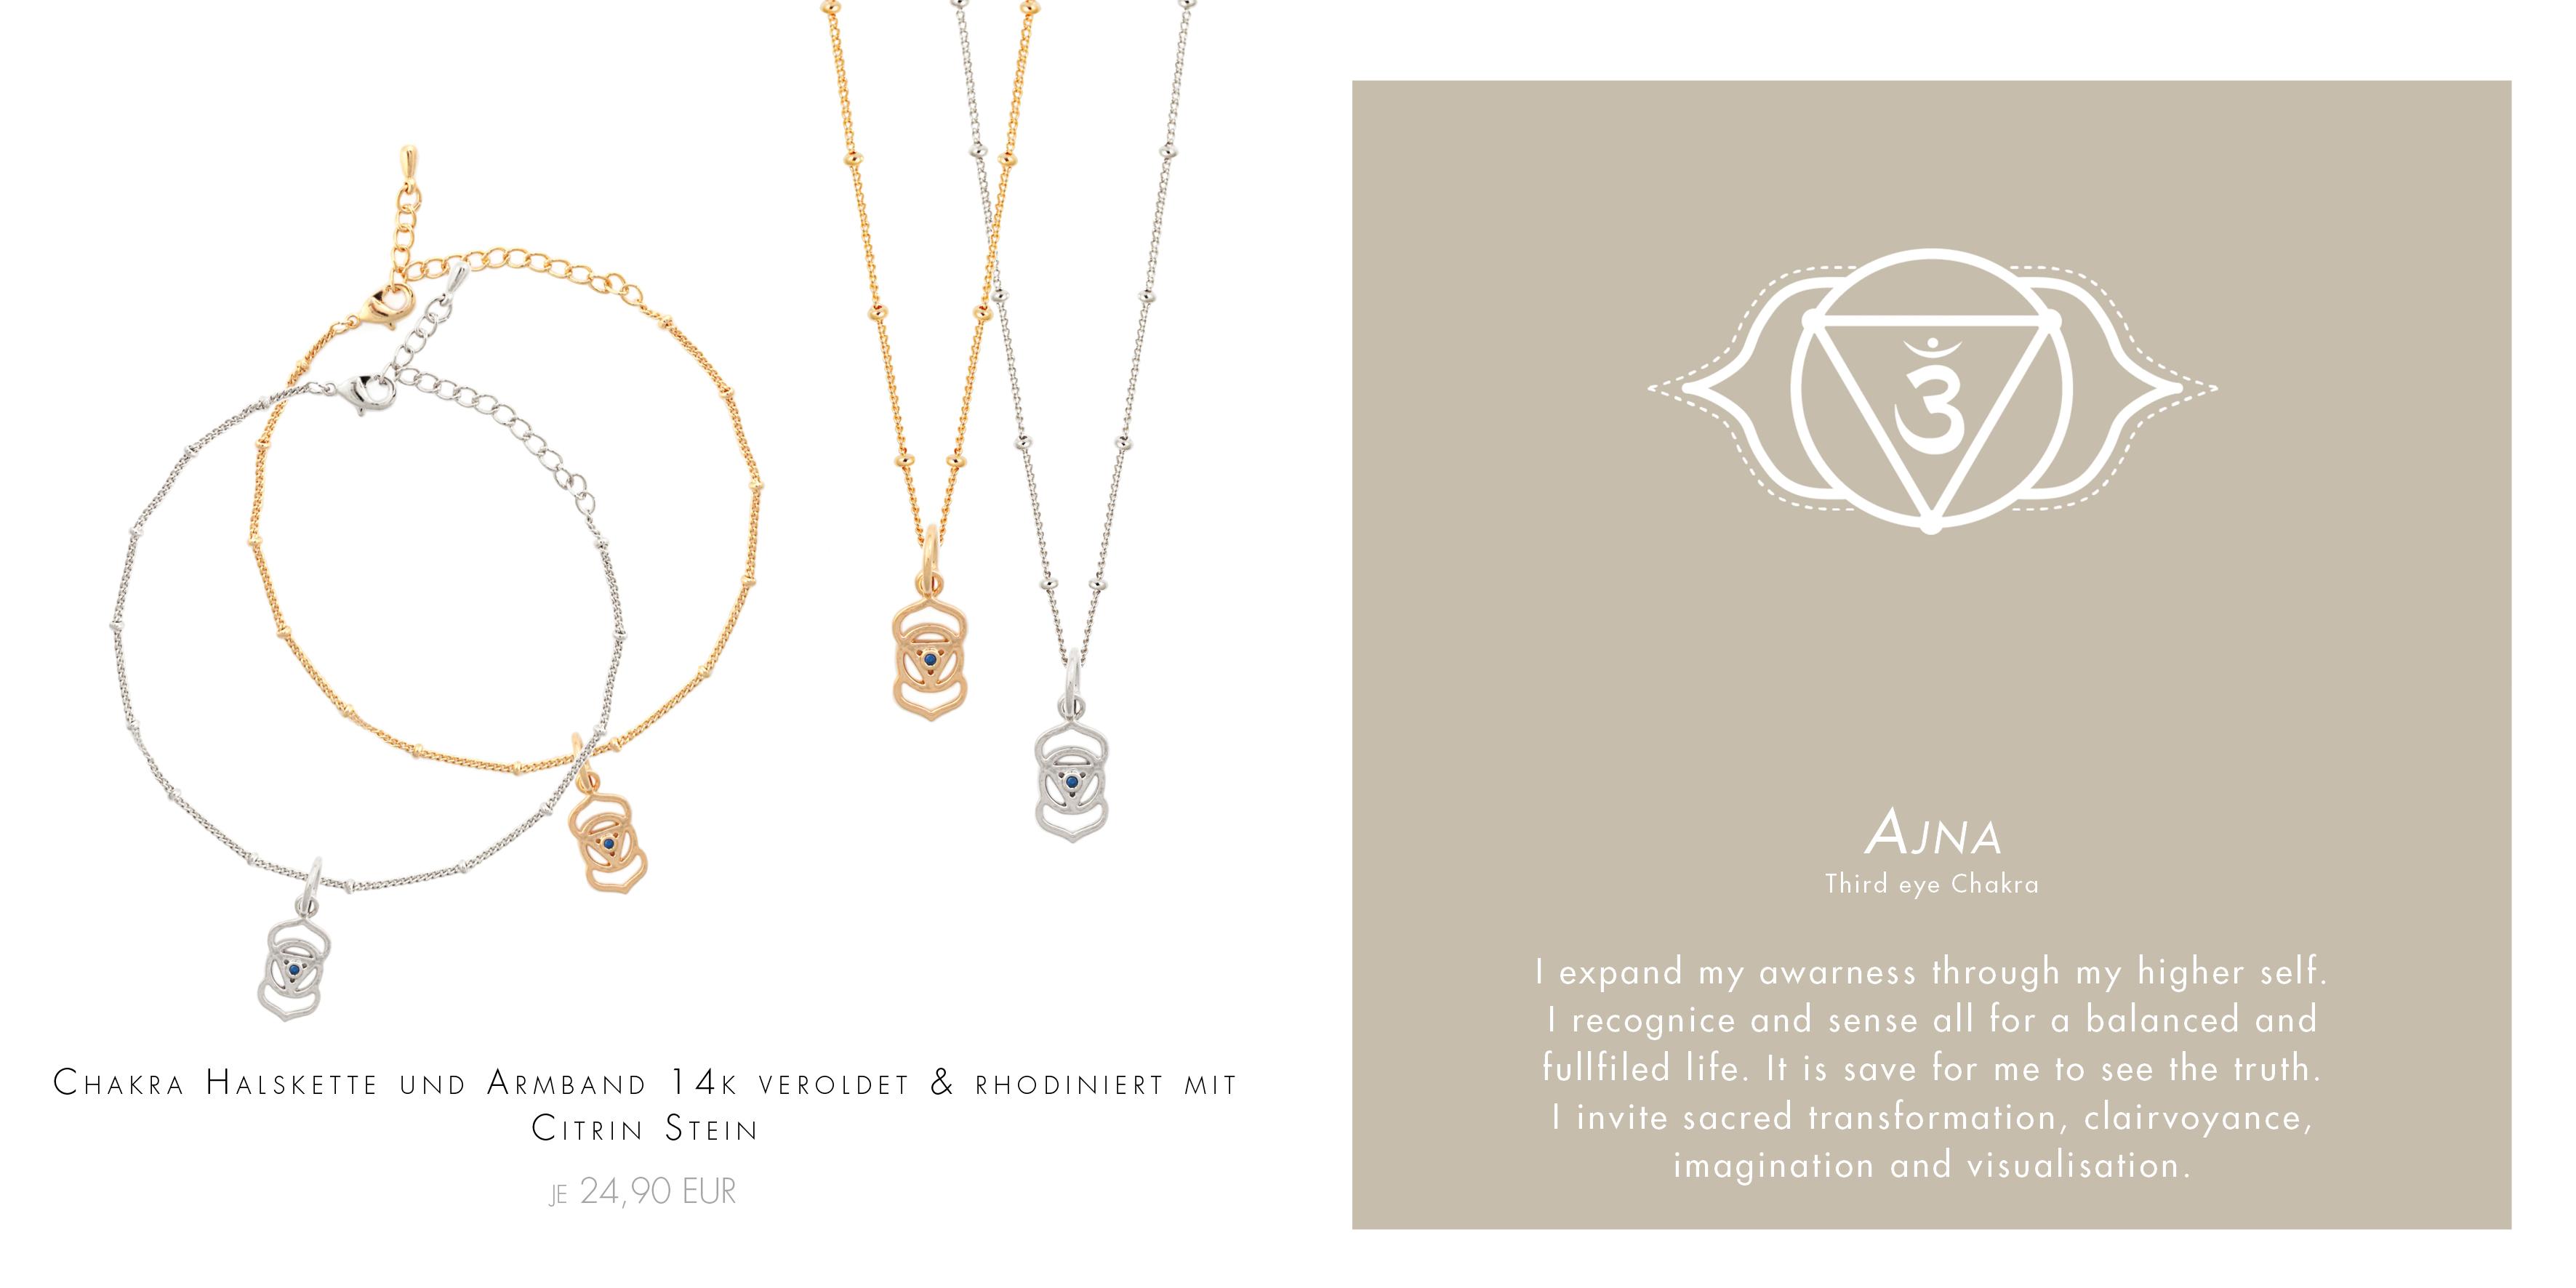 Orientalische Armbänder Gold und Silber Madeleine Issing